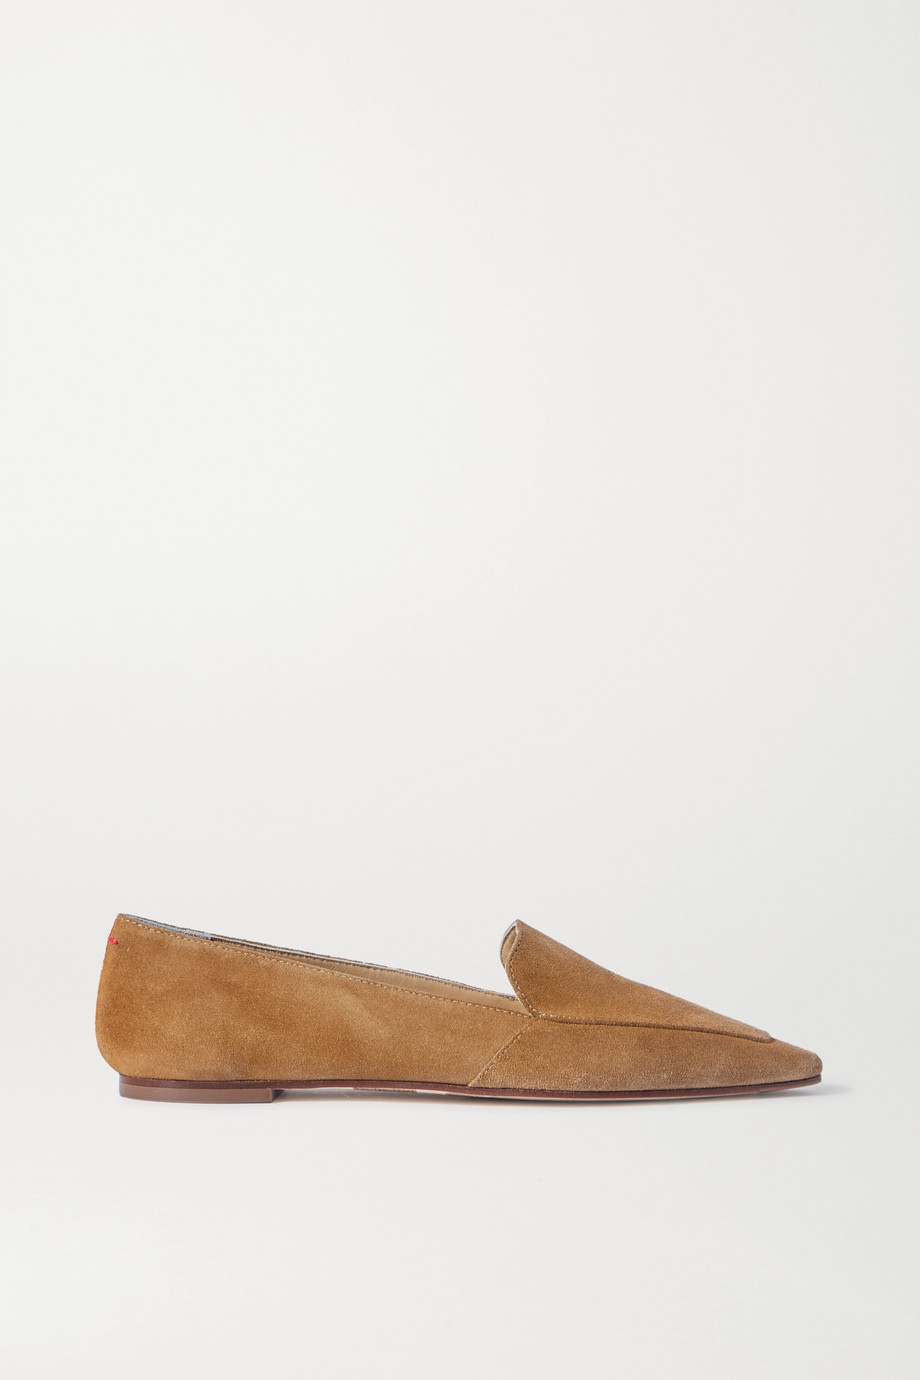 aeydē Aurora 绒面革乐福鞋